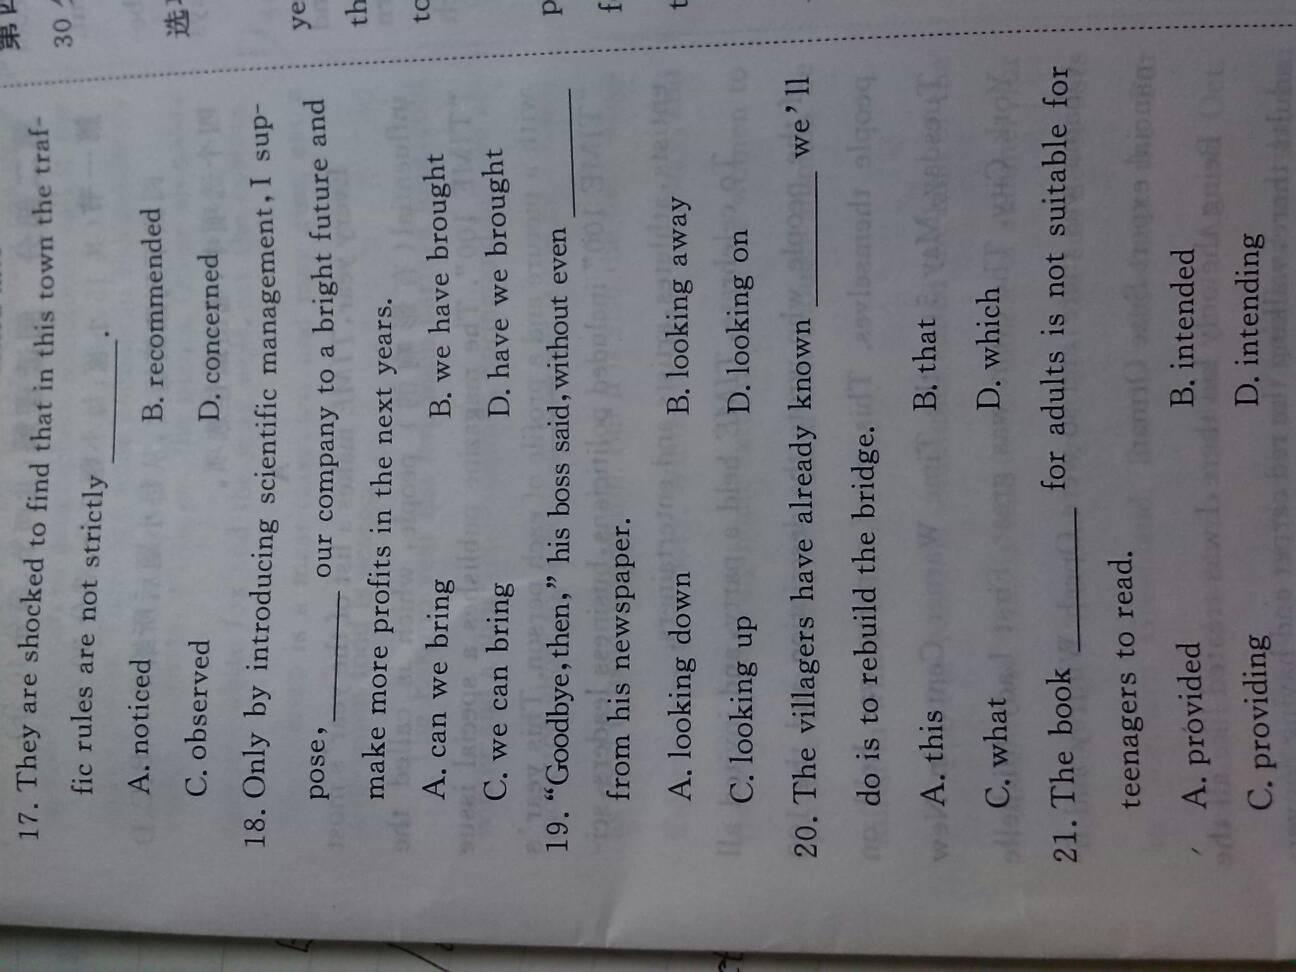 九年级上册数学作业本答案浙教版 九年级上册数学作业本 答案网